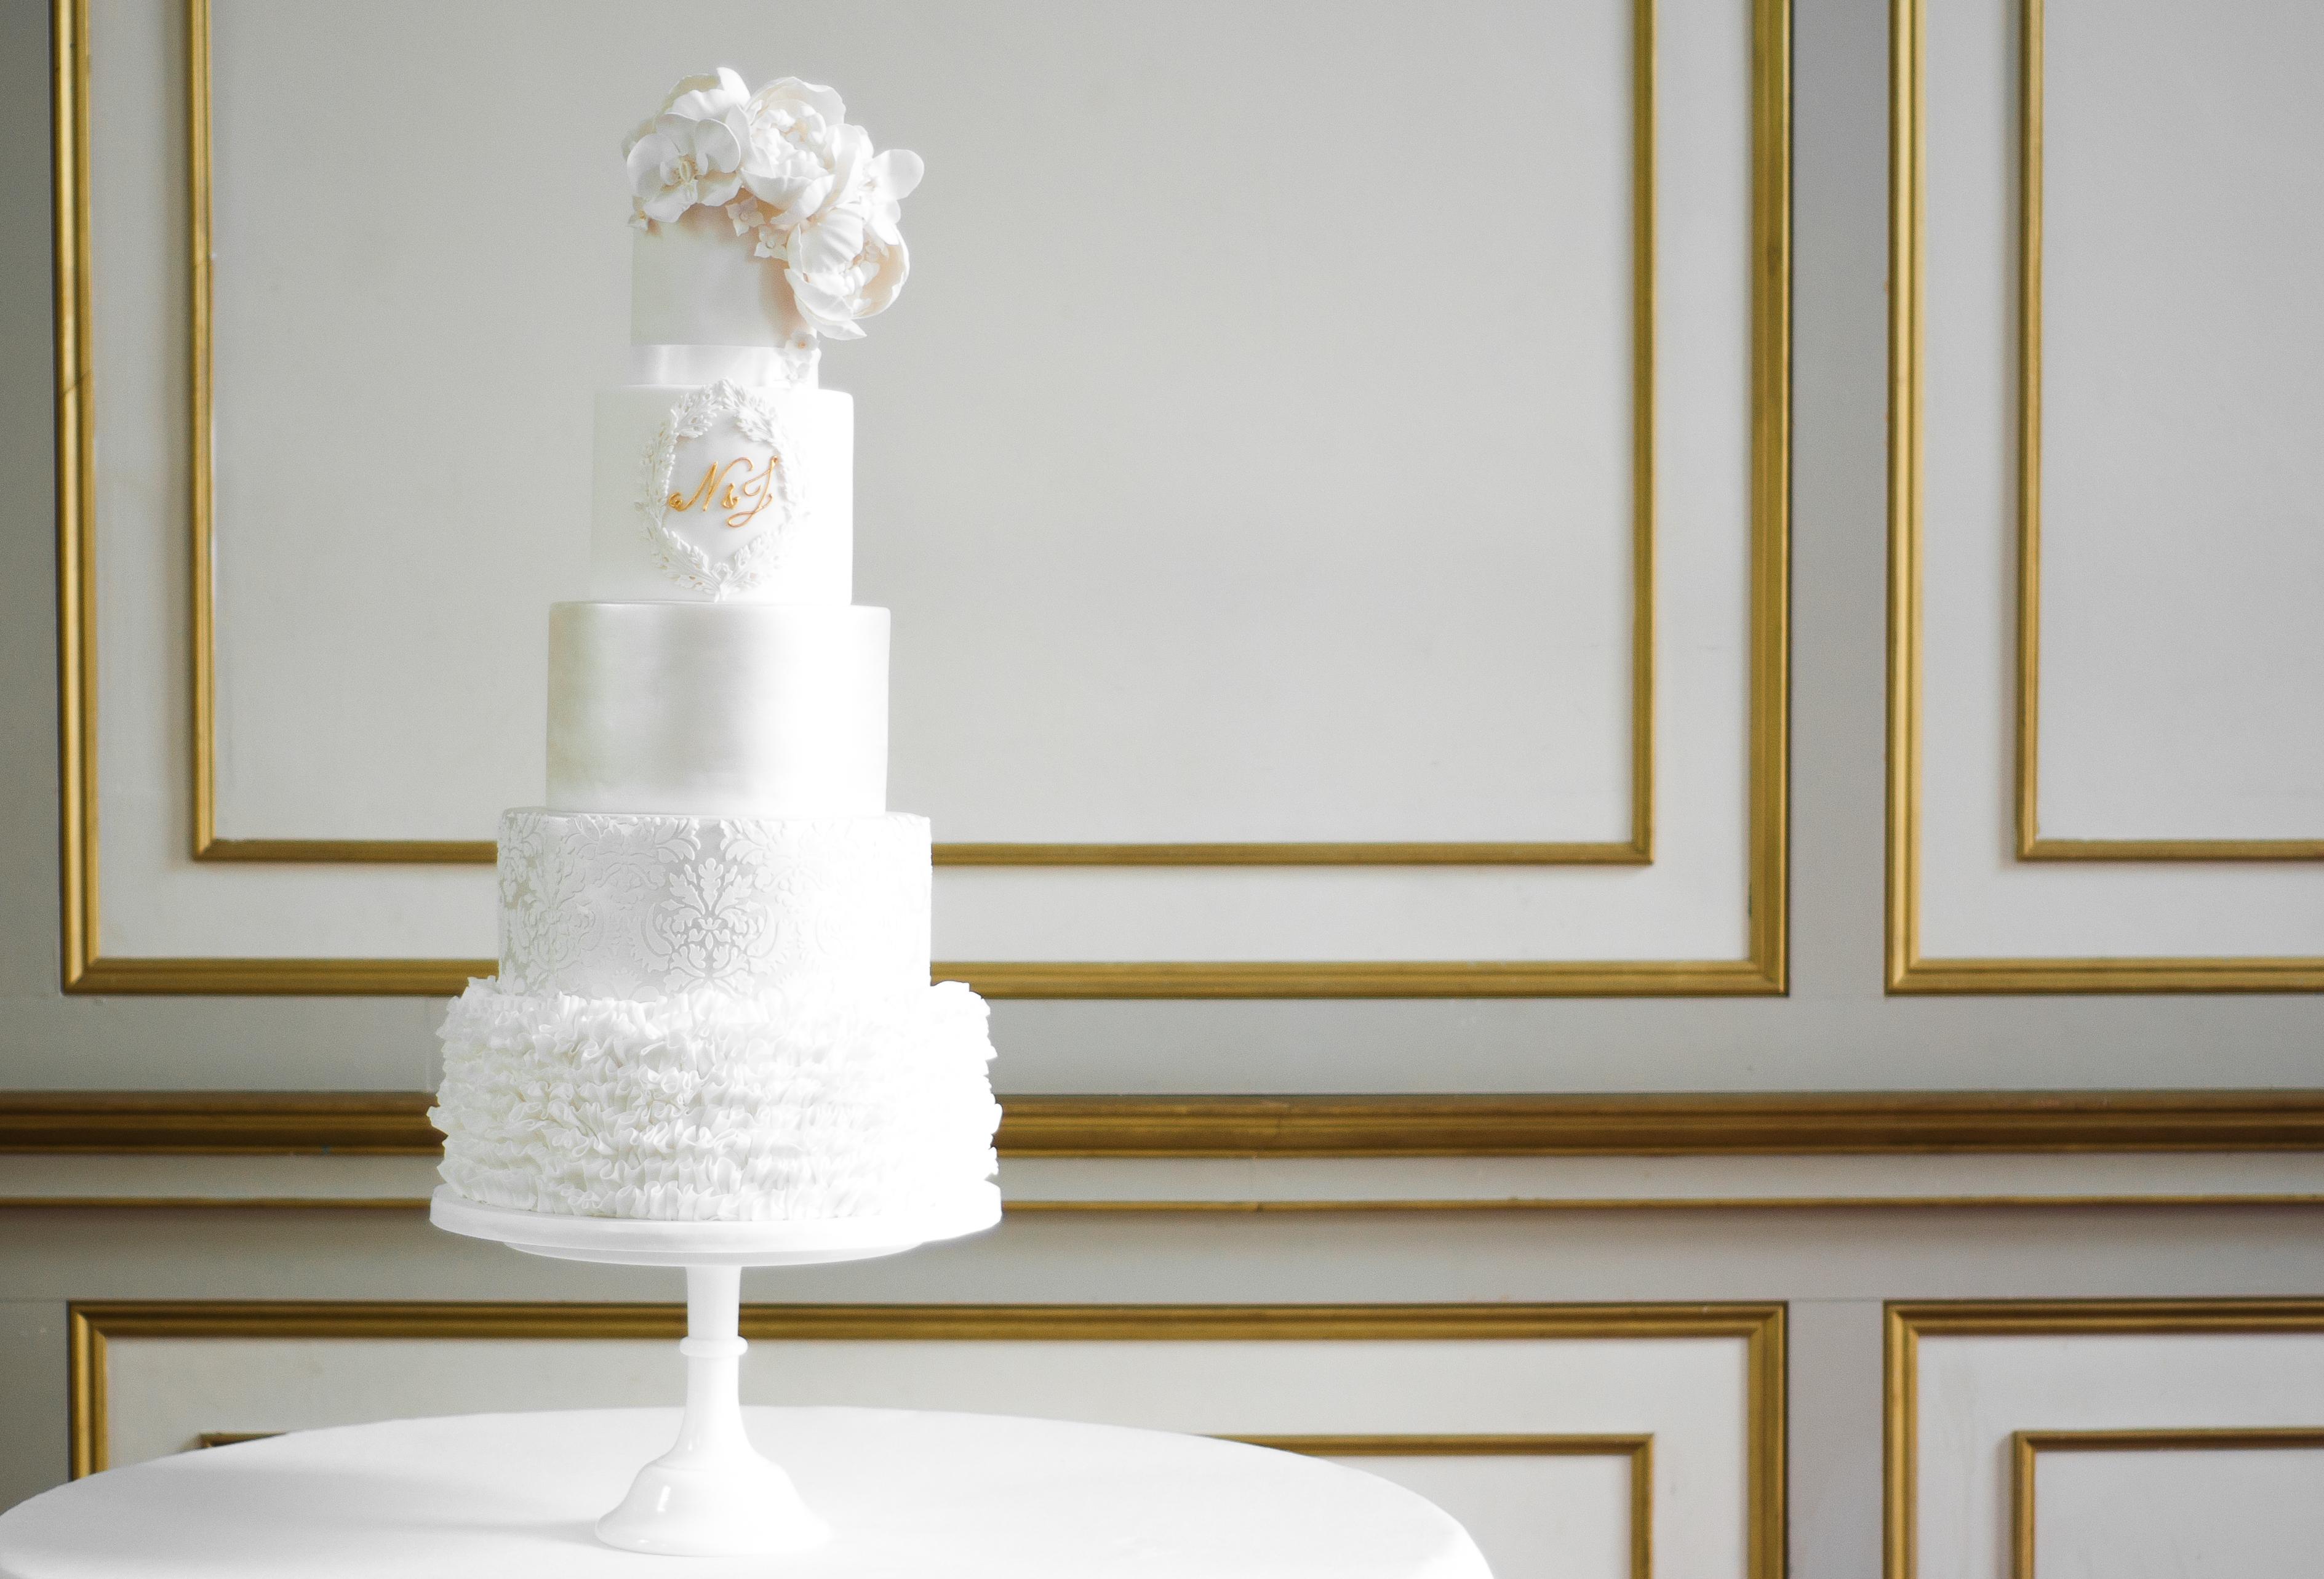 White ruffle monogramed wedding cake